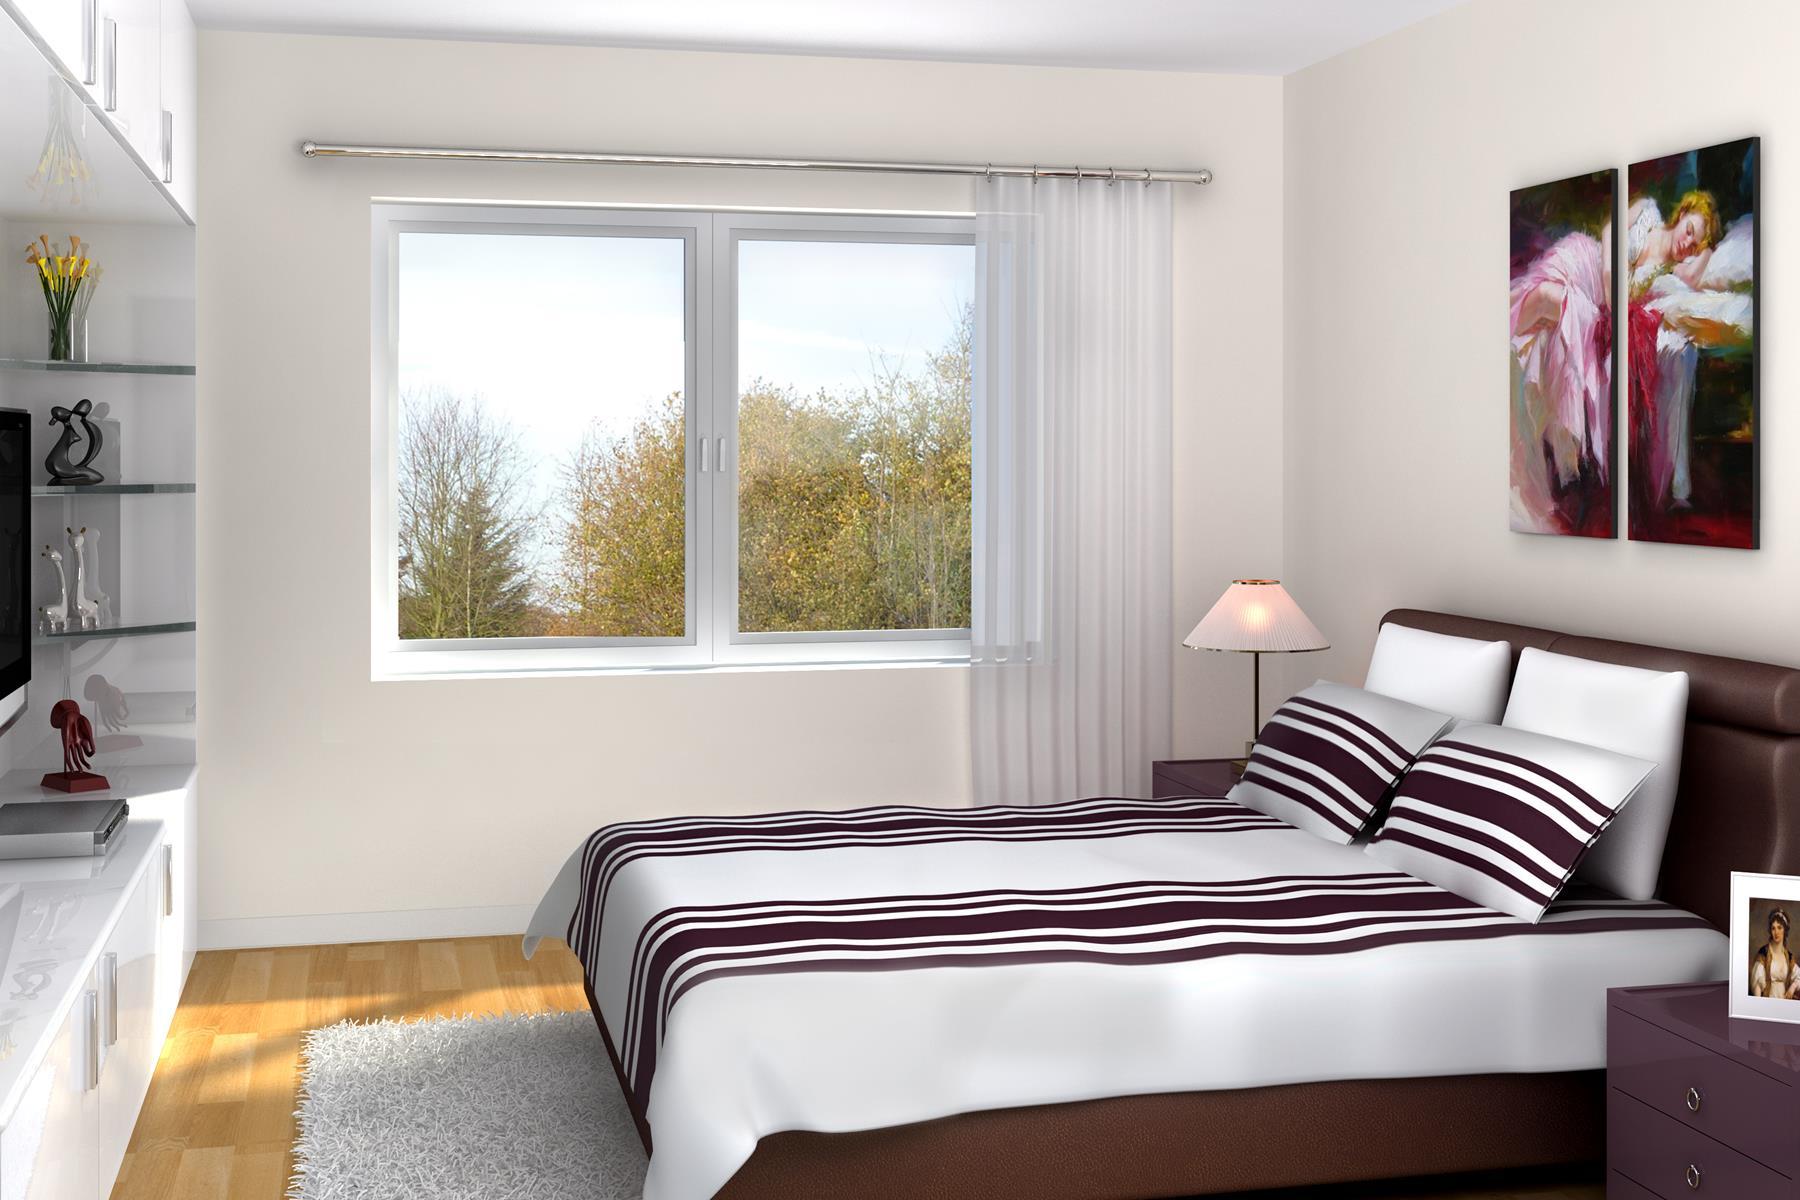 Schlafzimmer Gestaltungsvariante